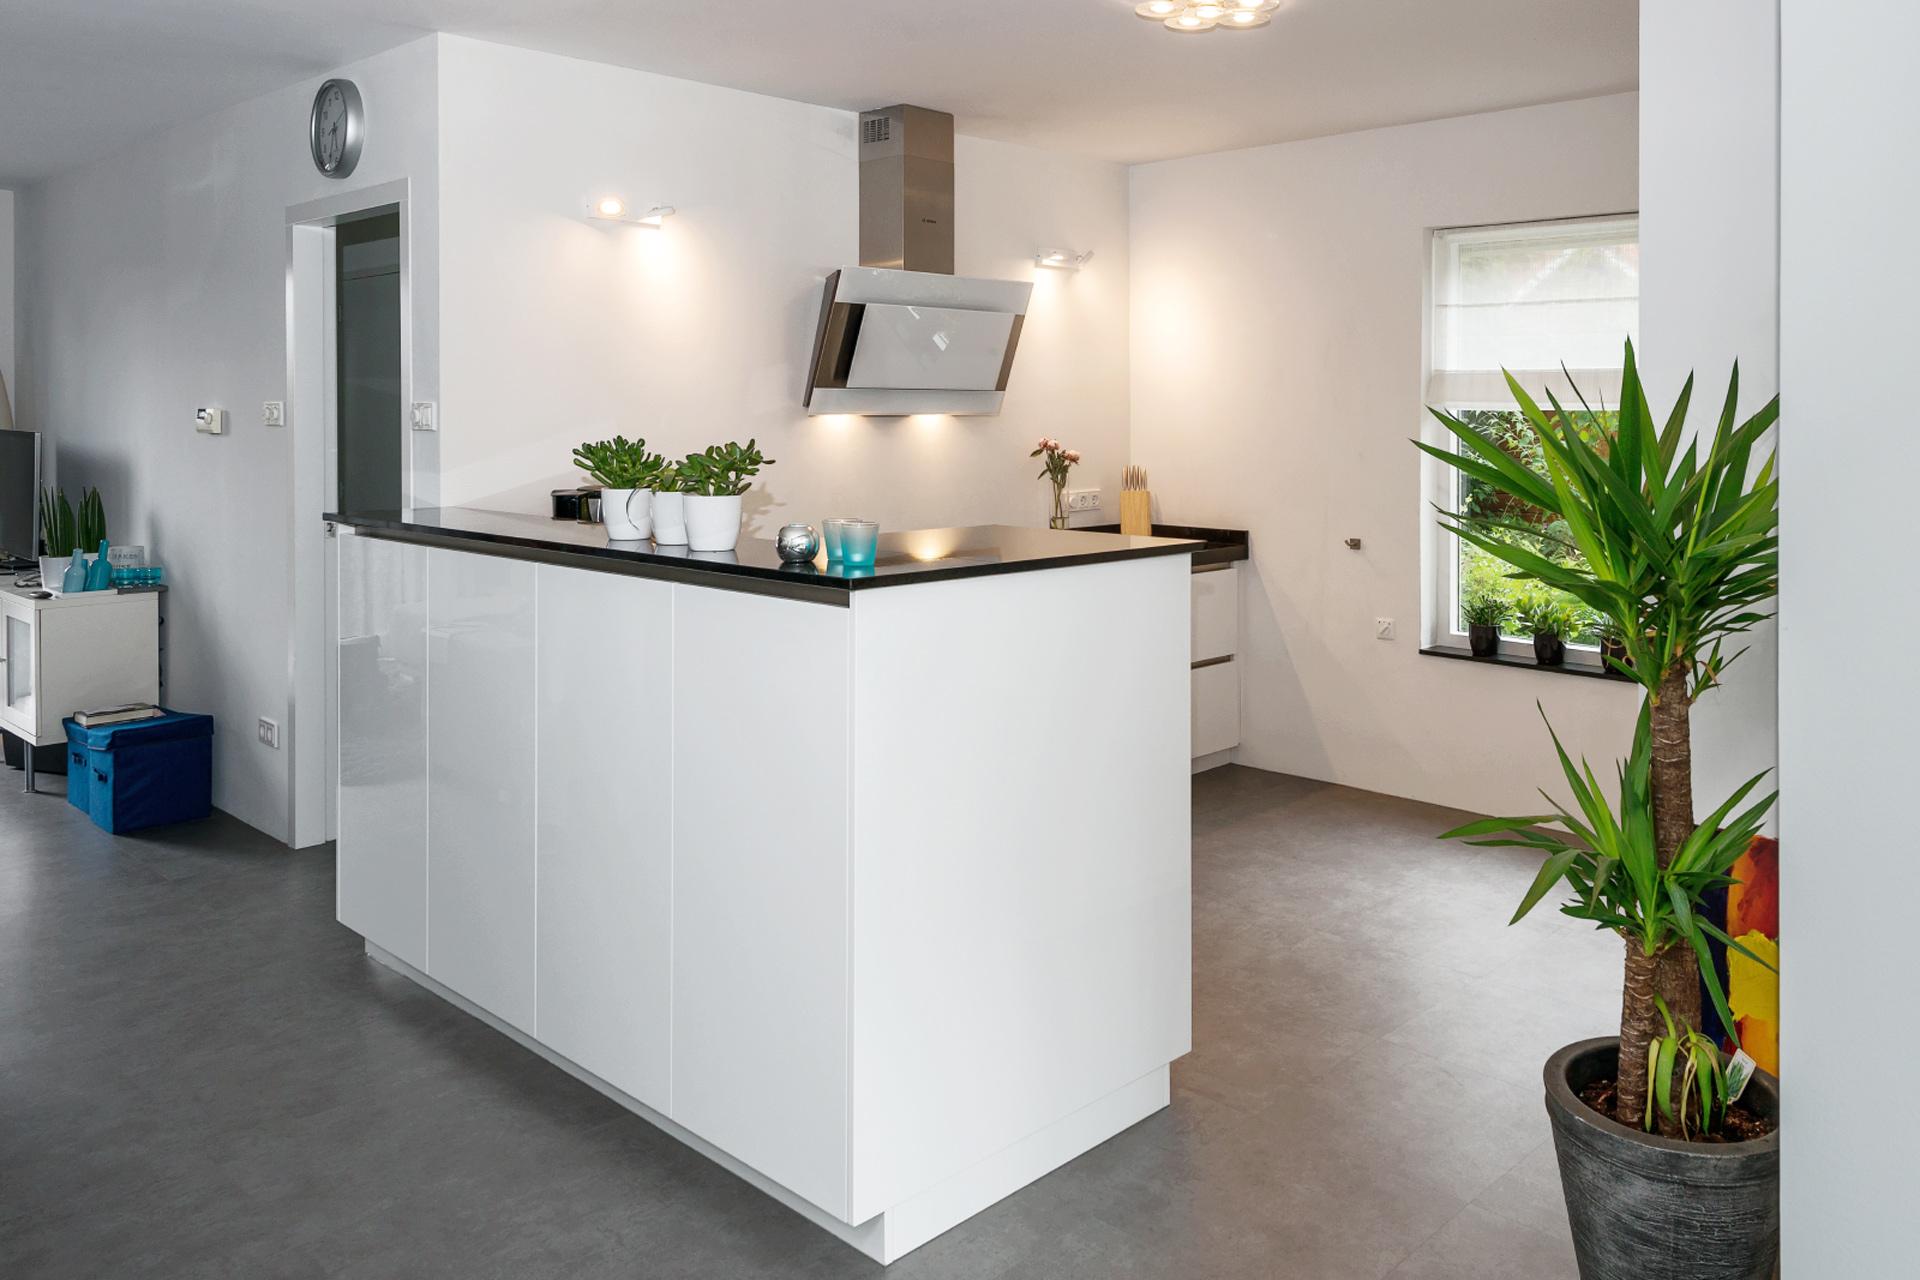 Moderne nederlandse keuken beste inspiratie voor huis ontwerp - Kleur verf moderne keuken ...